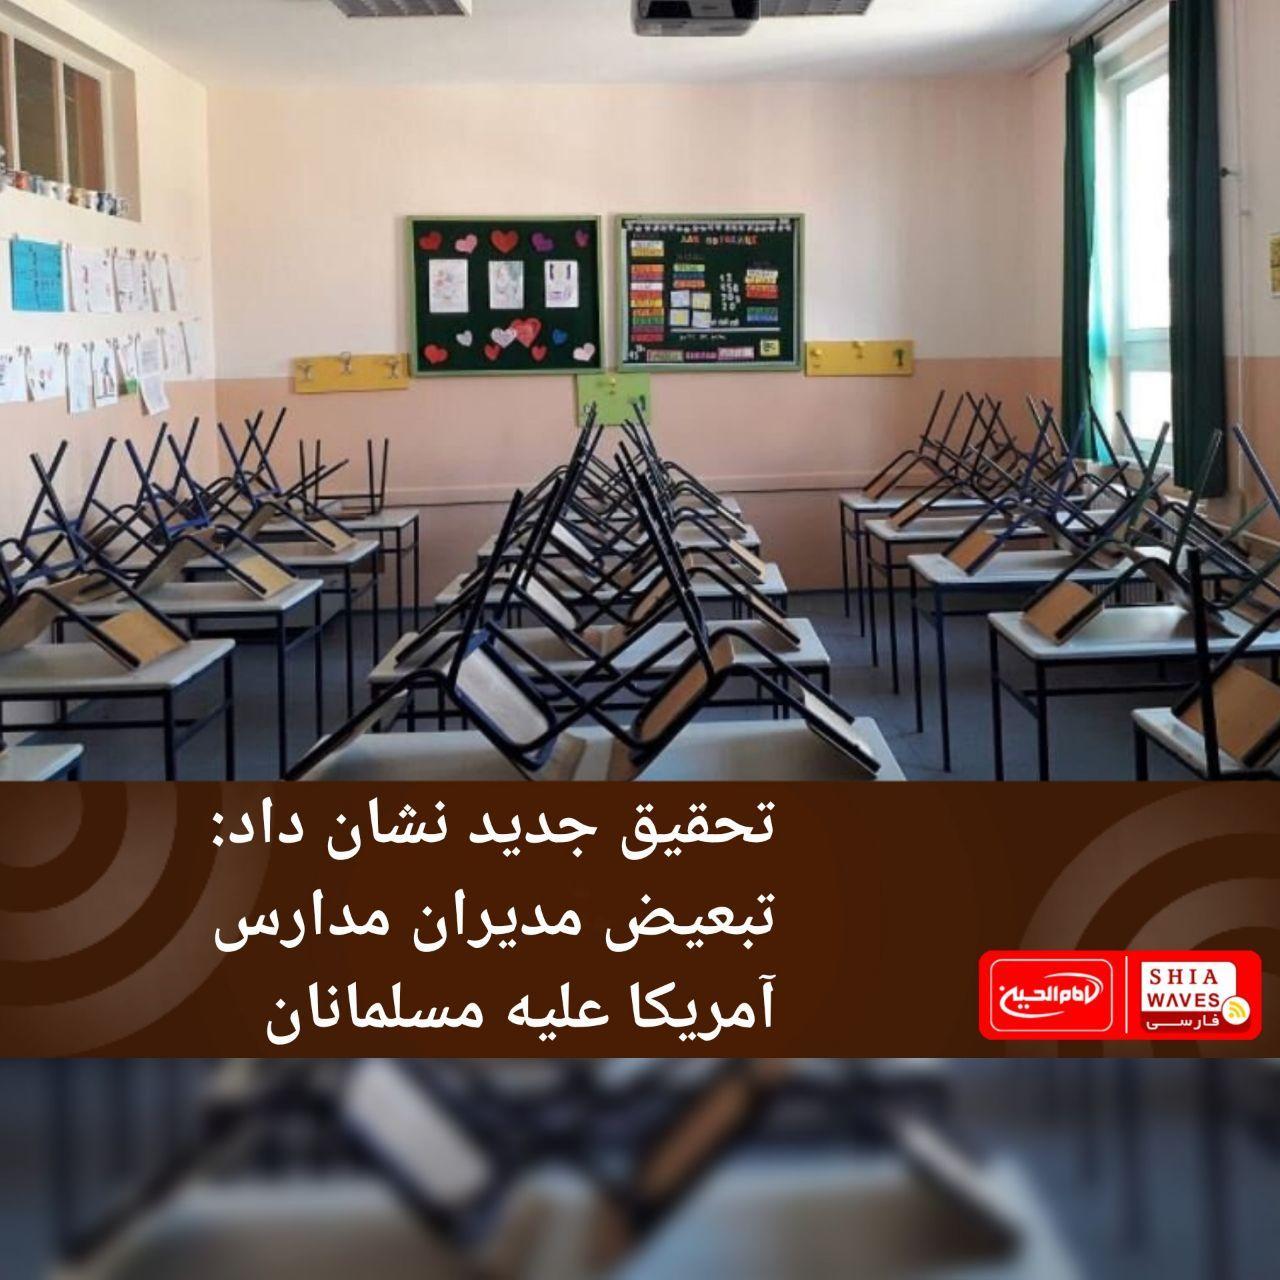 تصویر تحقیق جدید نشان داد: تبعیض مدیران مدارس آمریکا علیه مسلمانان